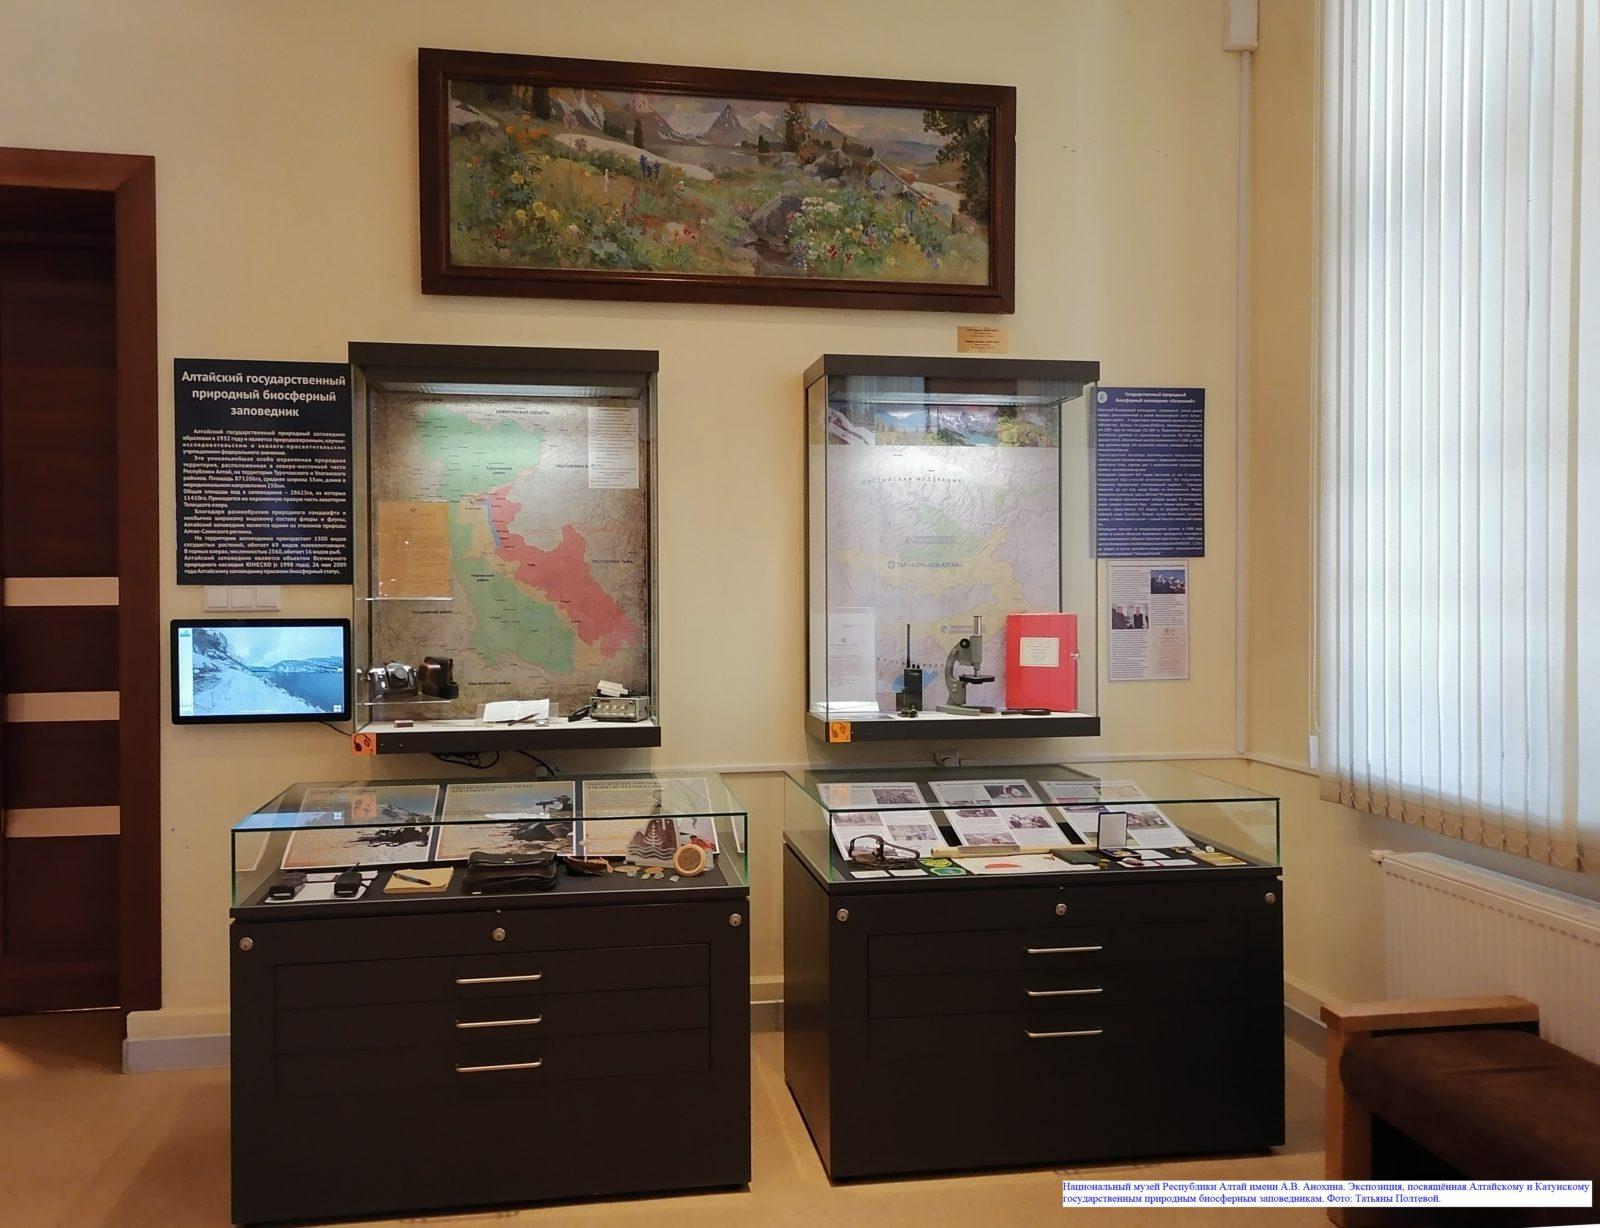 Национальный музей Республики Алтай имени А.В. Анохина. Экспозиция, посвящённая Алтайскому и Катунскому государственным природным биосферным заповедникам.